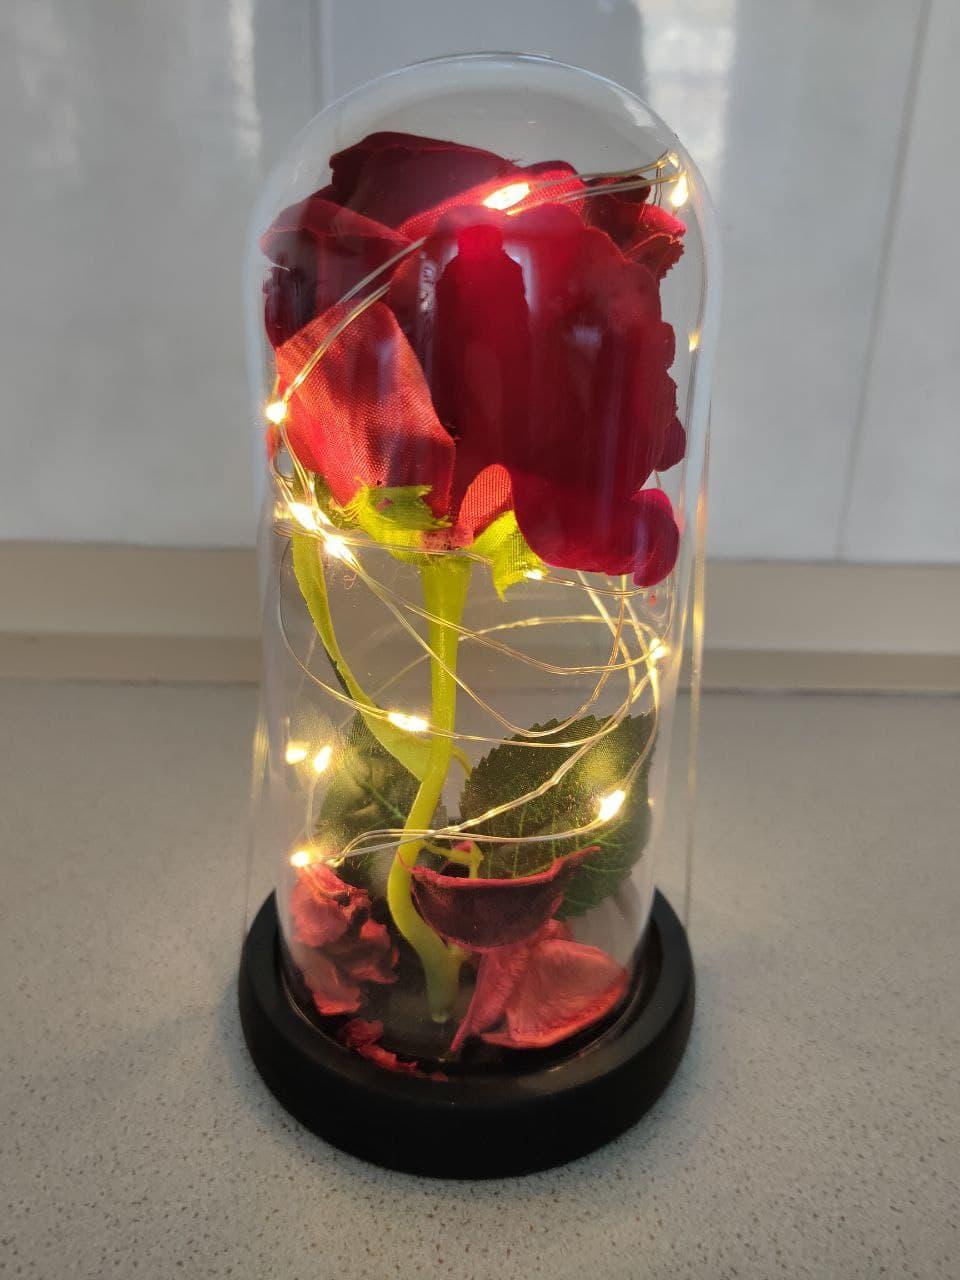 Роза в колбі з LED підсвічуванням, вічна троянда.Нічник.Найкращий подарунок!